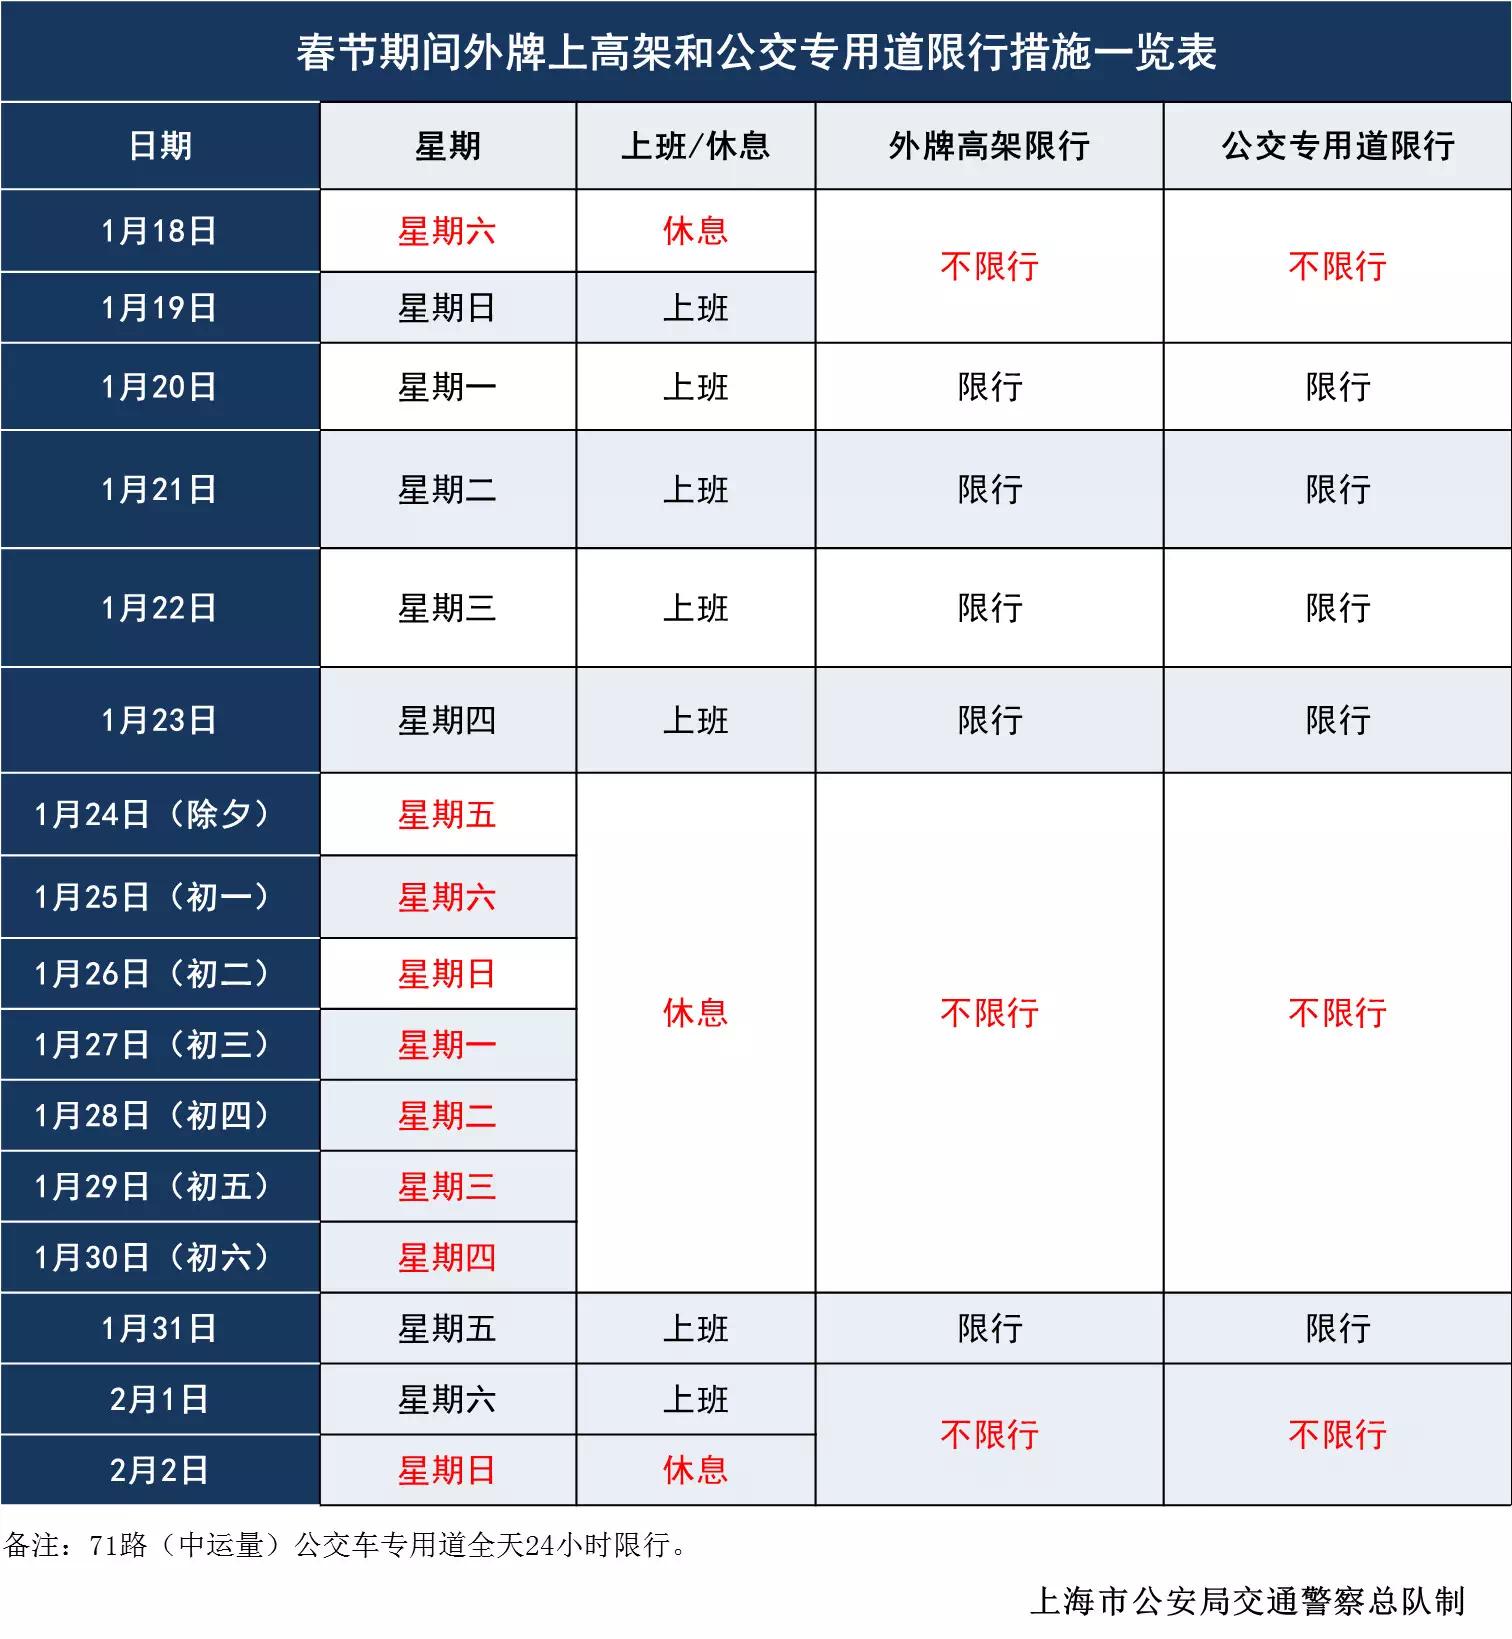 周日要上班,外牌车能上高架吗?春节期间上海高架如何限行?权威解